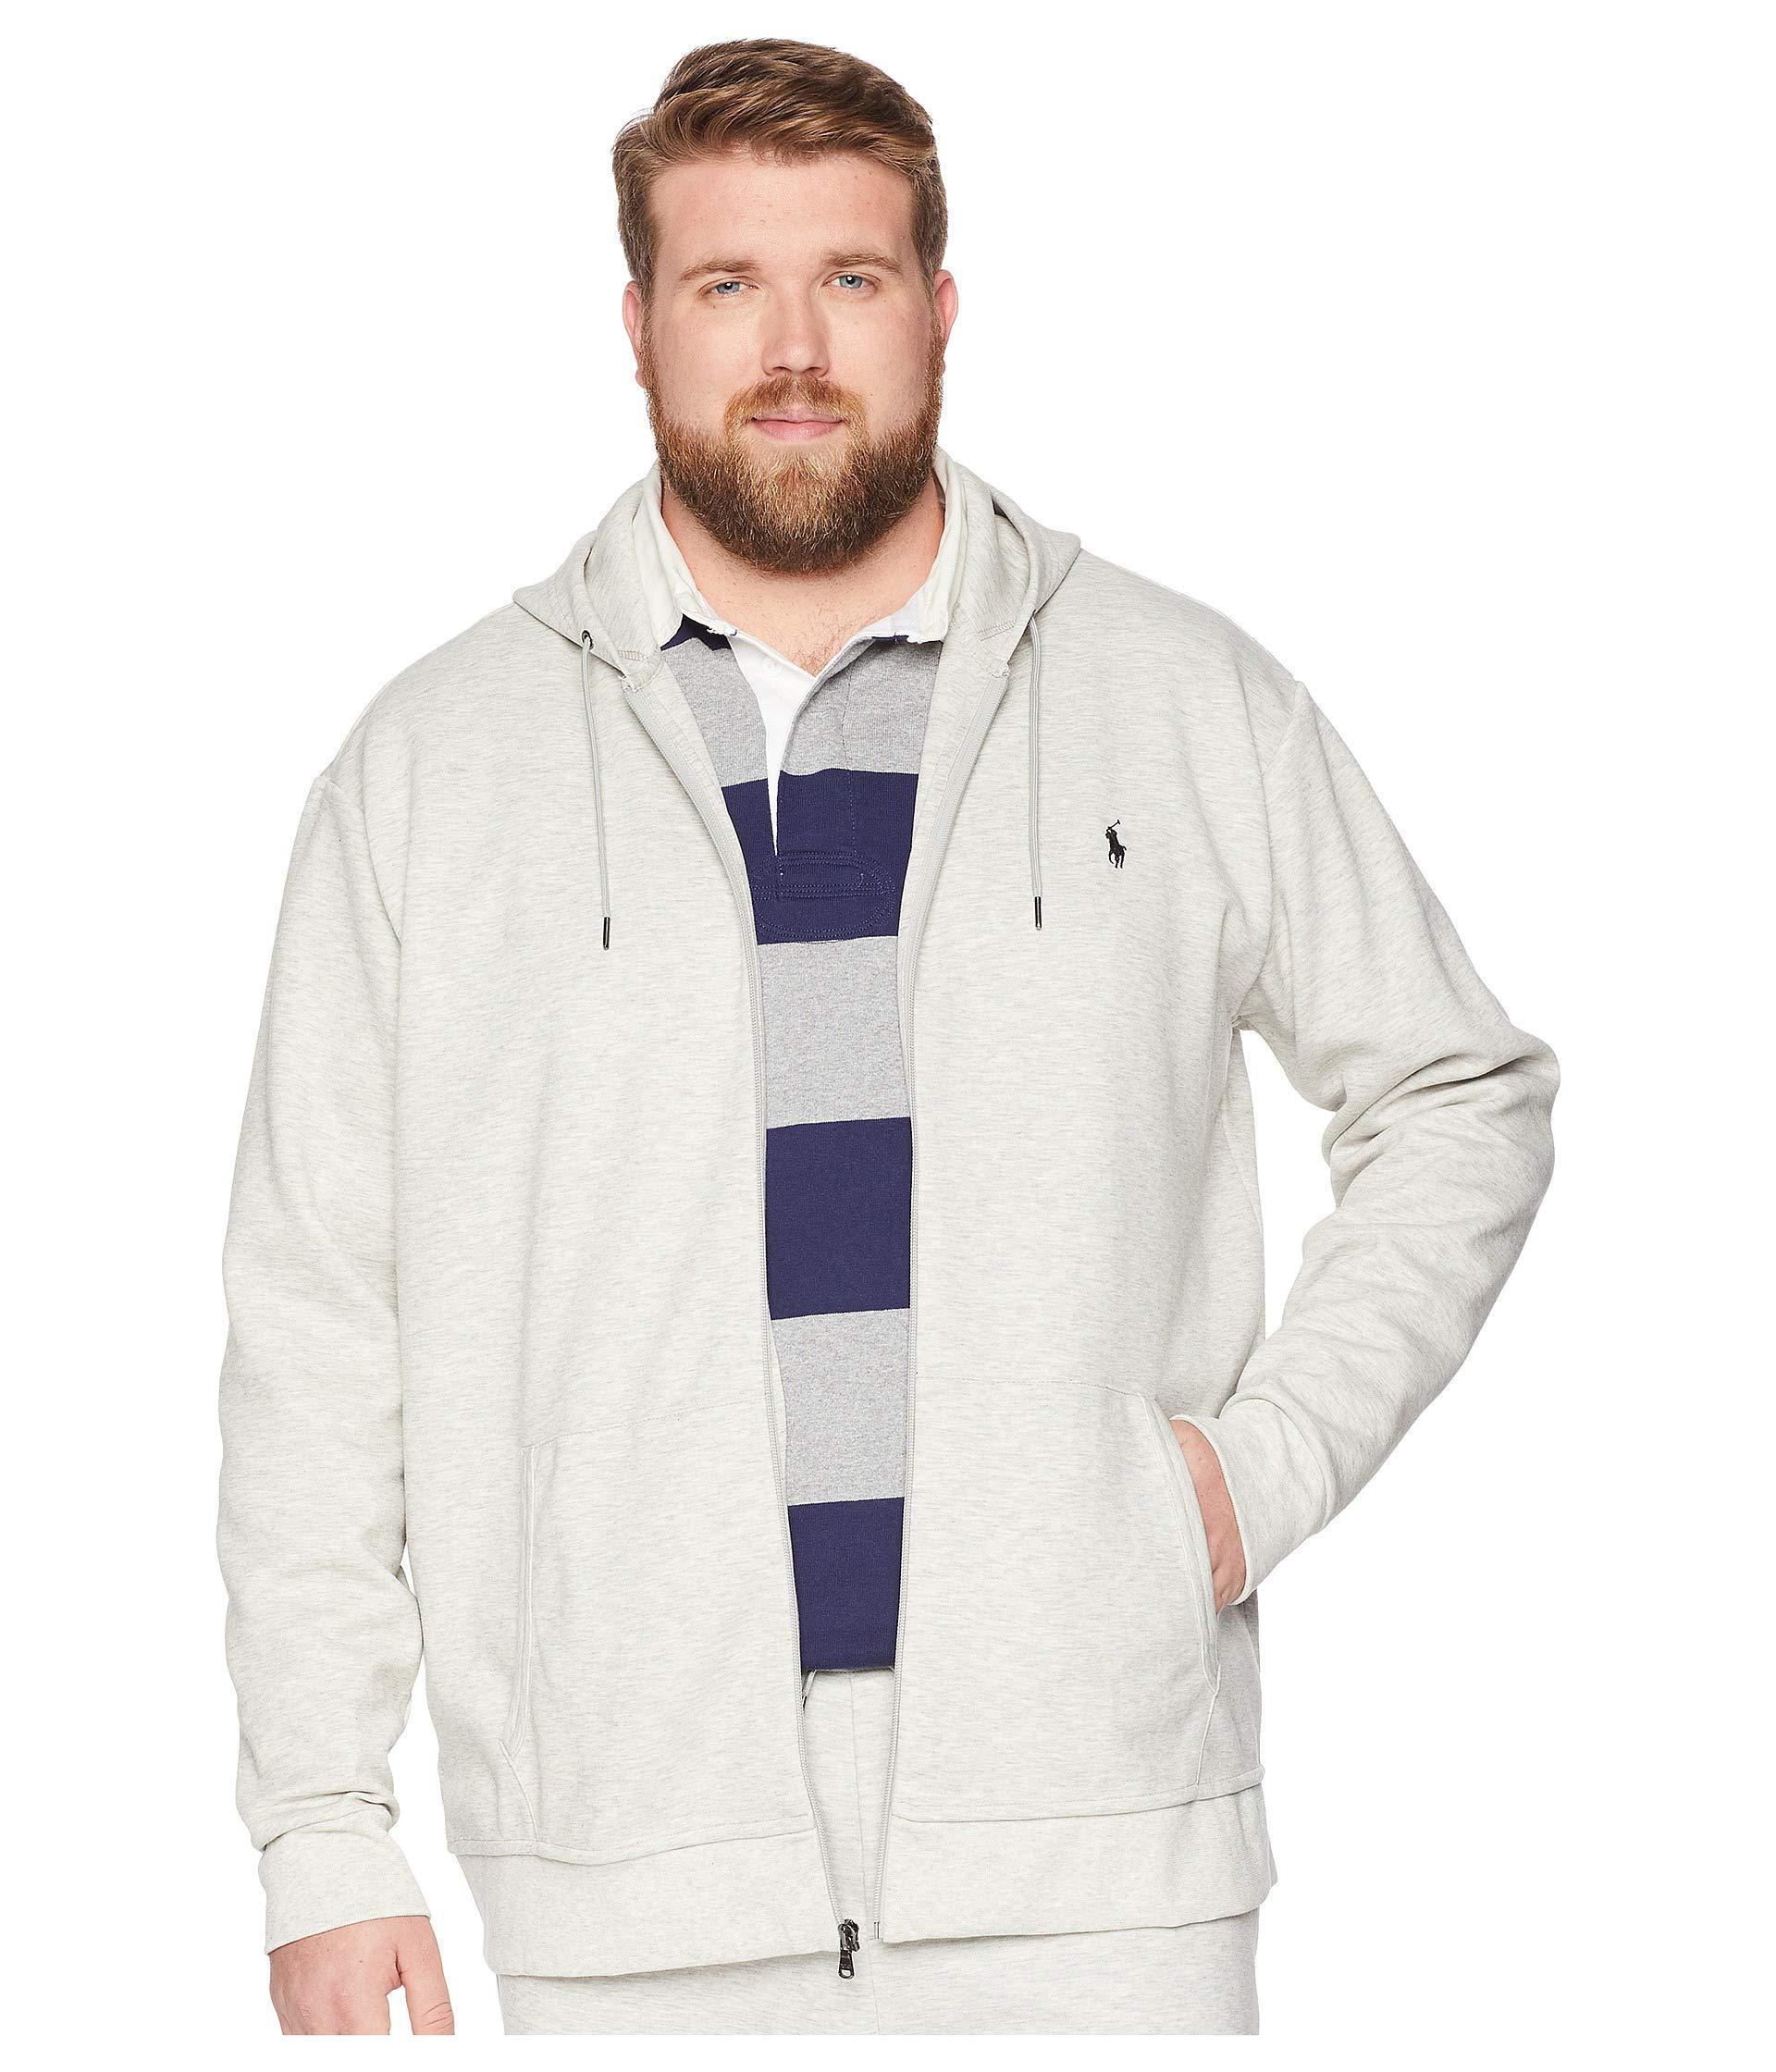 Lyst - Polo Ralph Lauren Big Tall Double Knit Full Zip (light Sport ... e70aa12fe